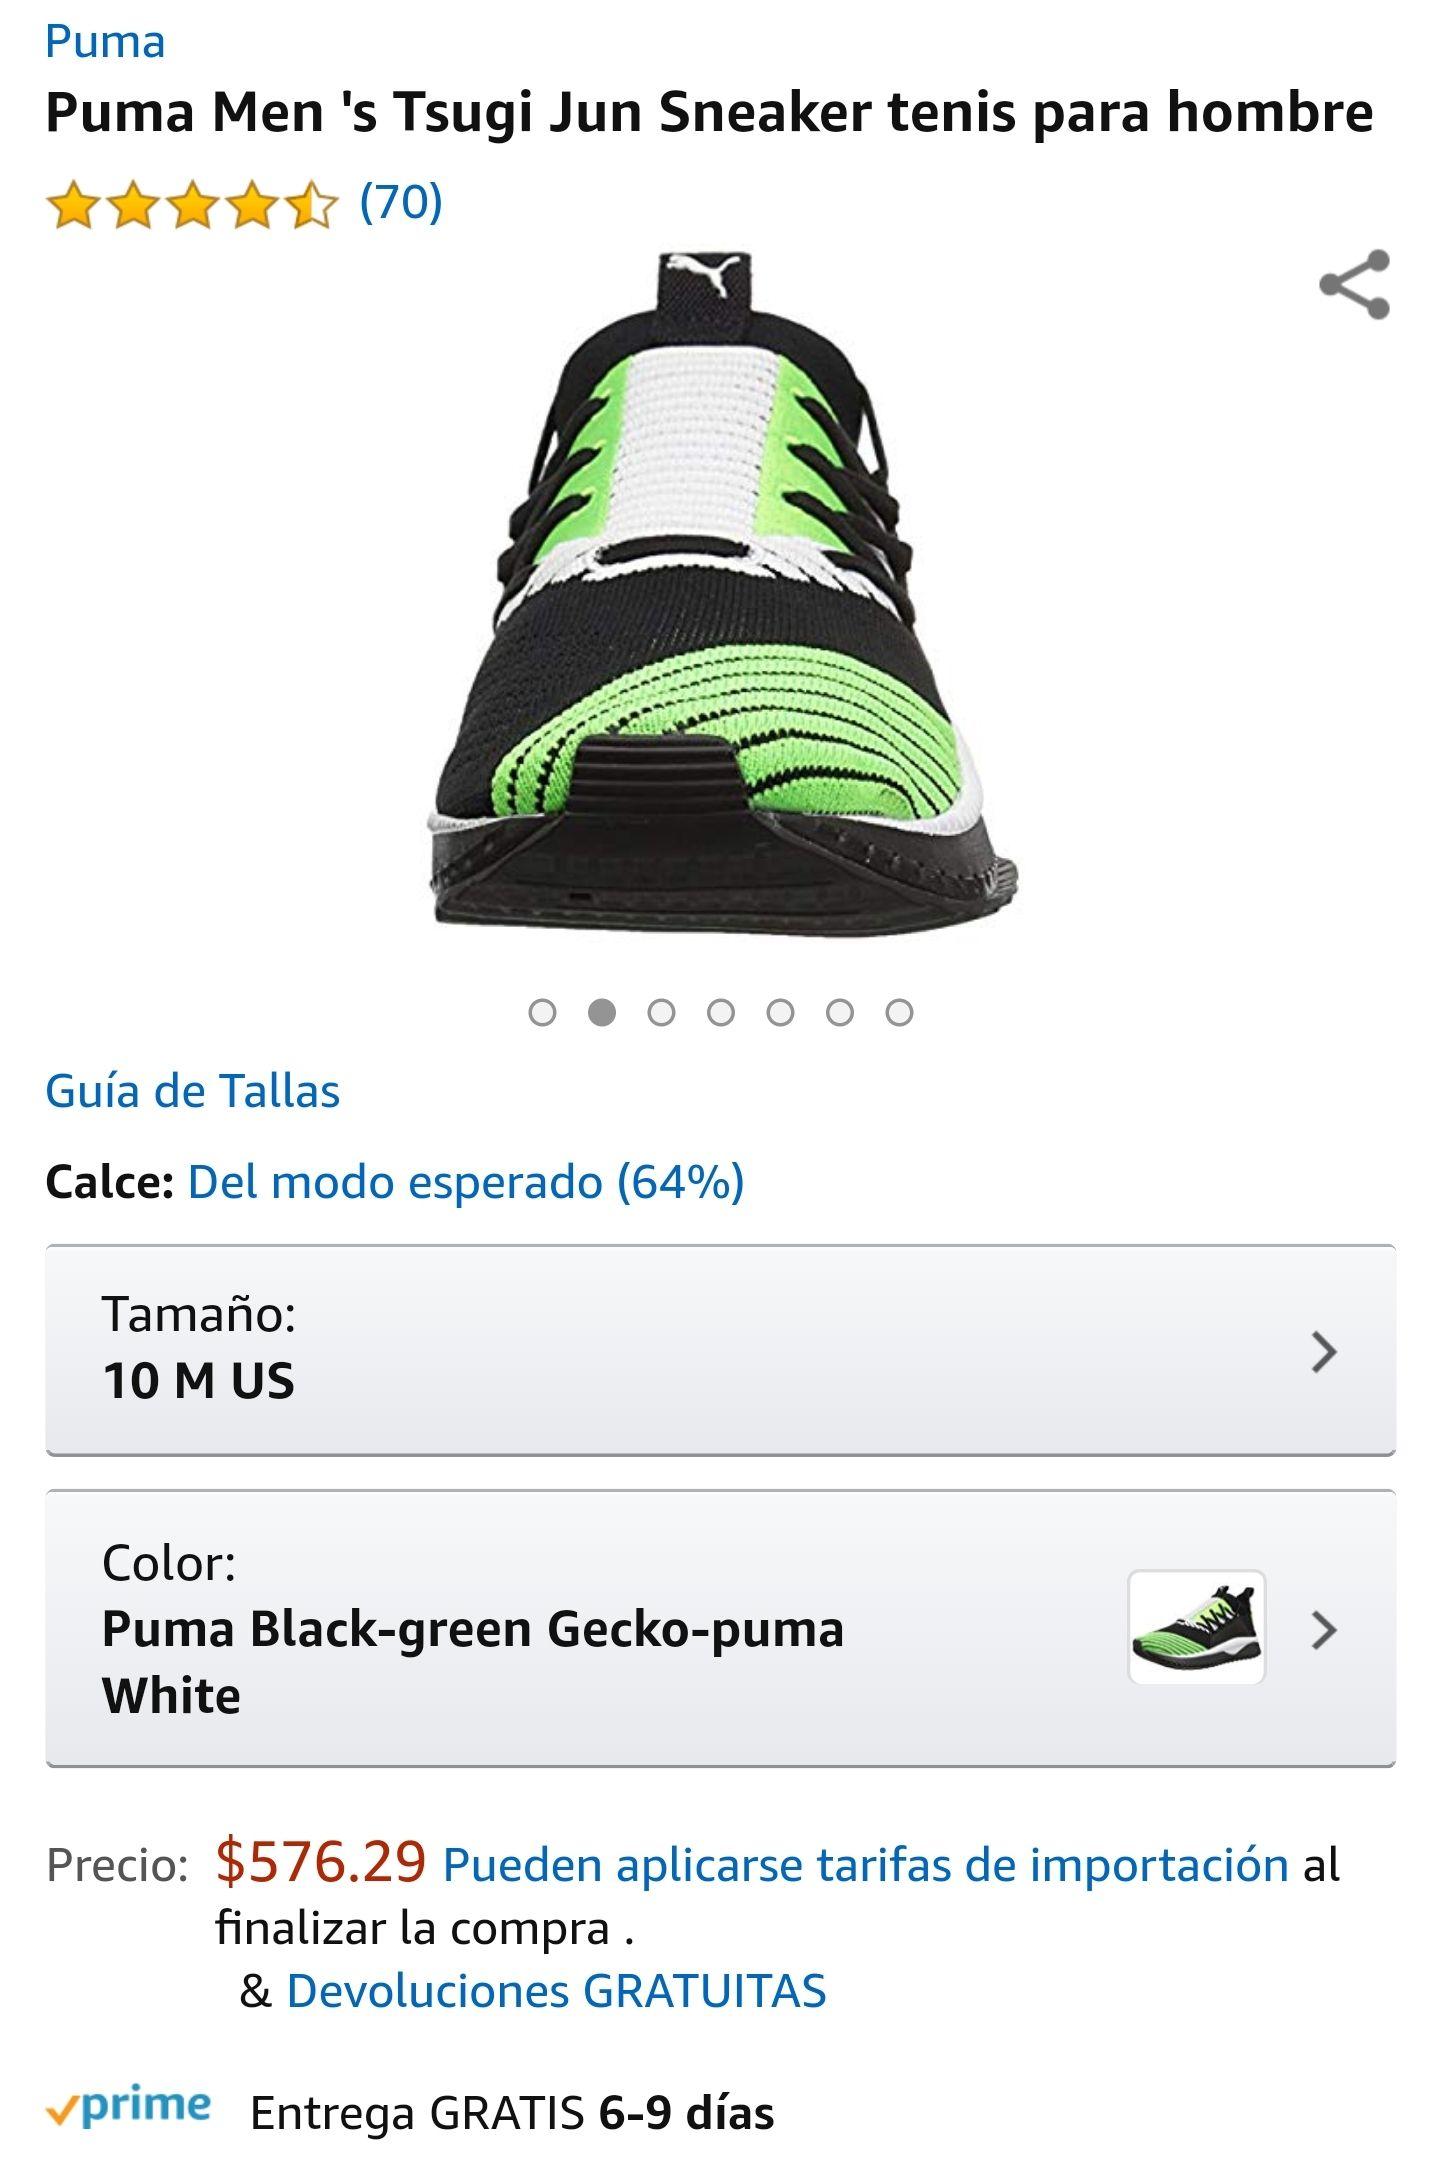 Amazon: Tennis Puma Tsugi Jun (10US)